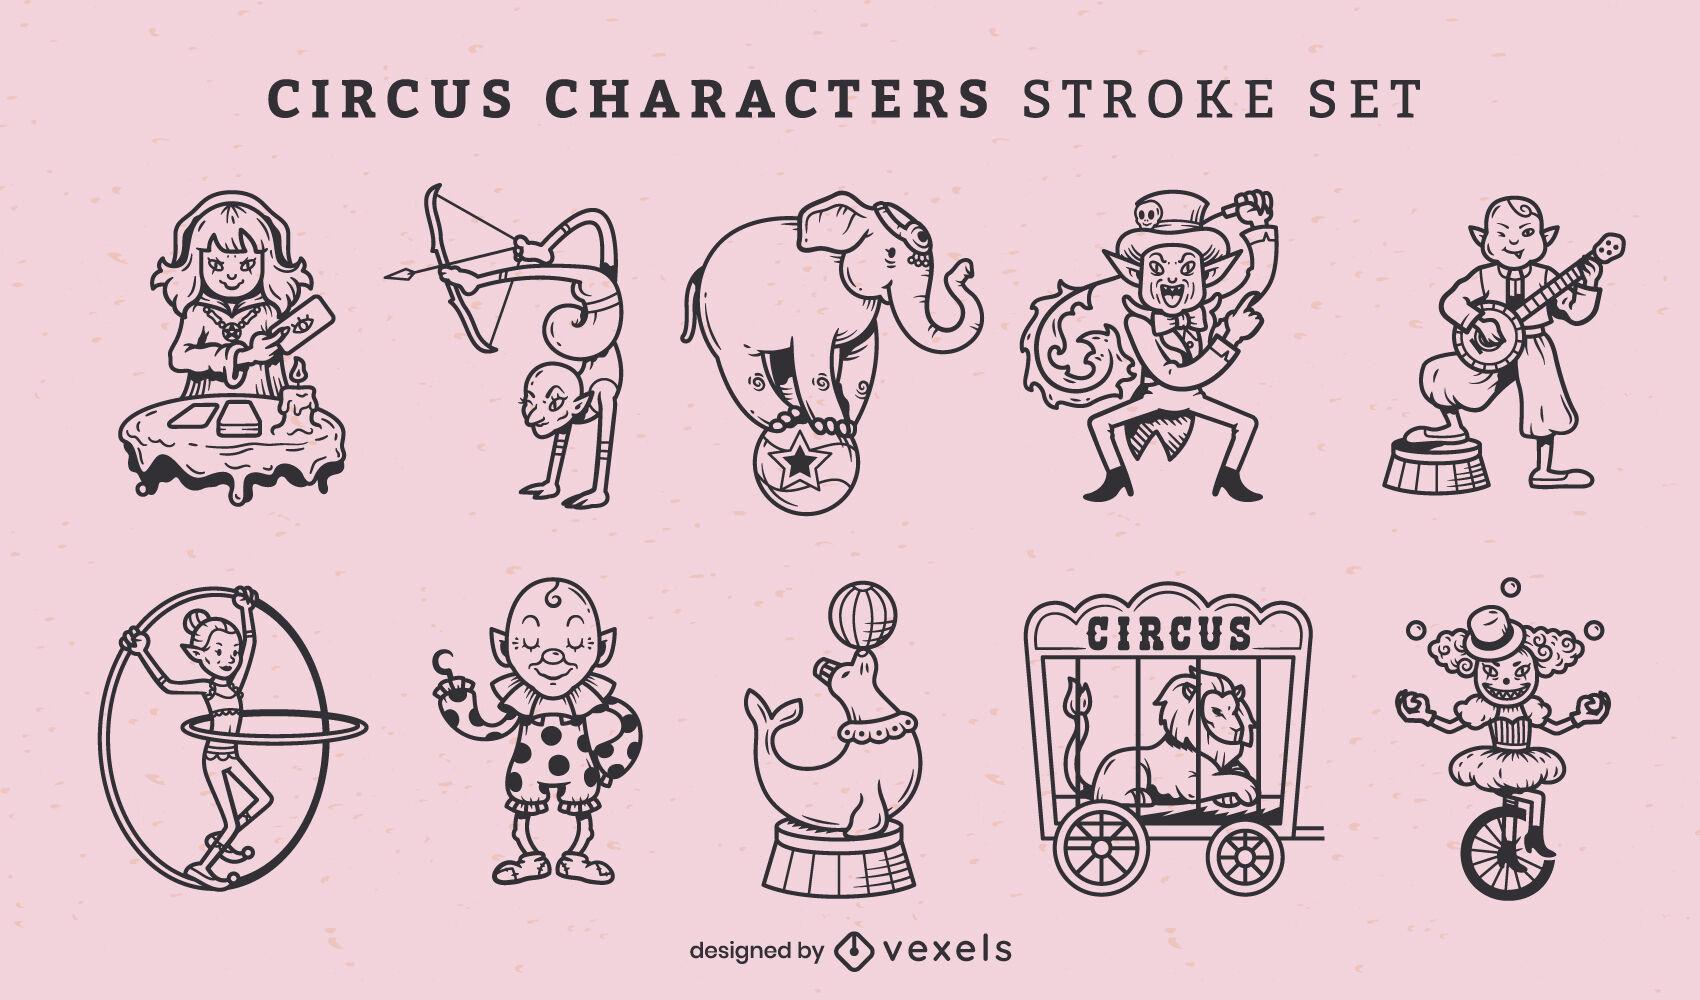 Streichset für Zirkus- und Karnevalskünstler